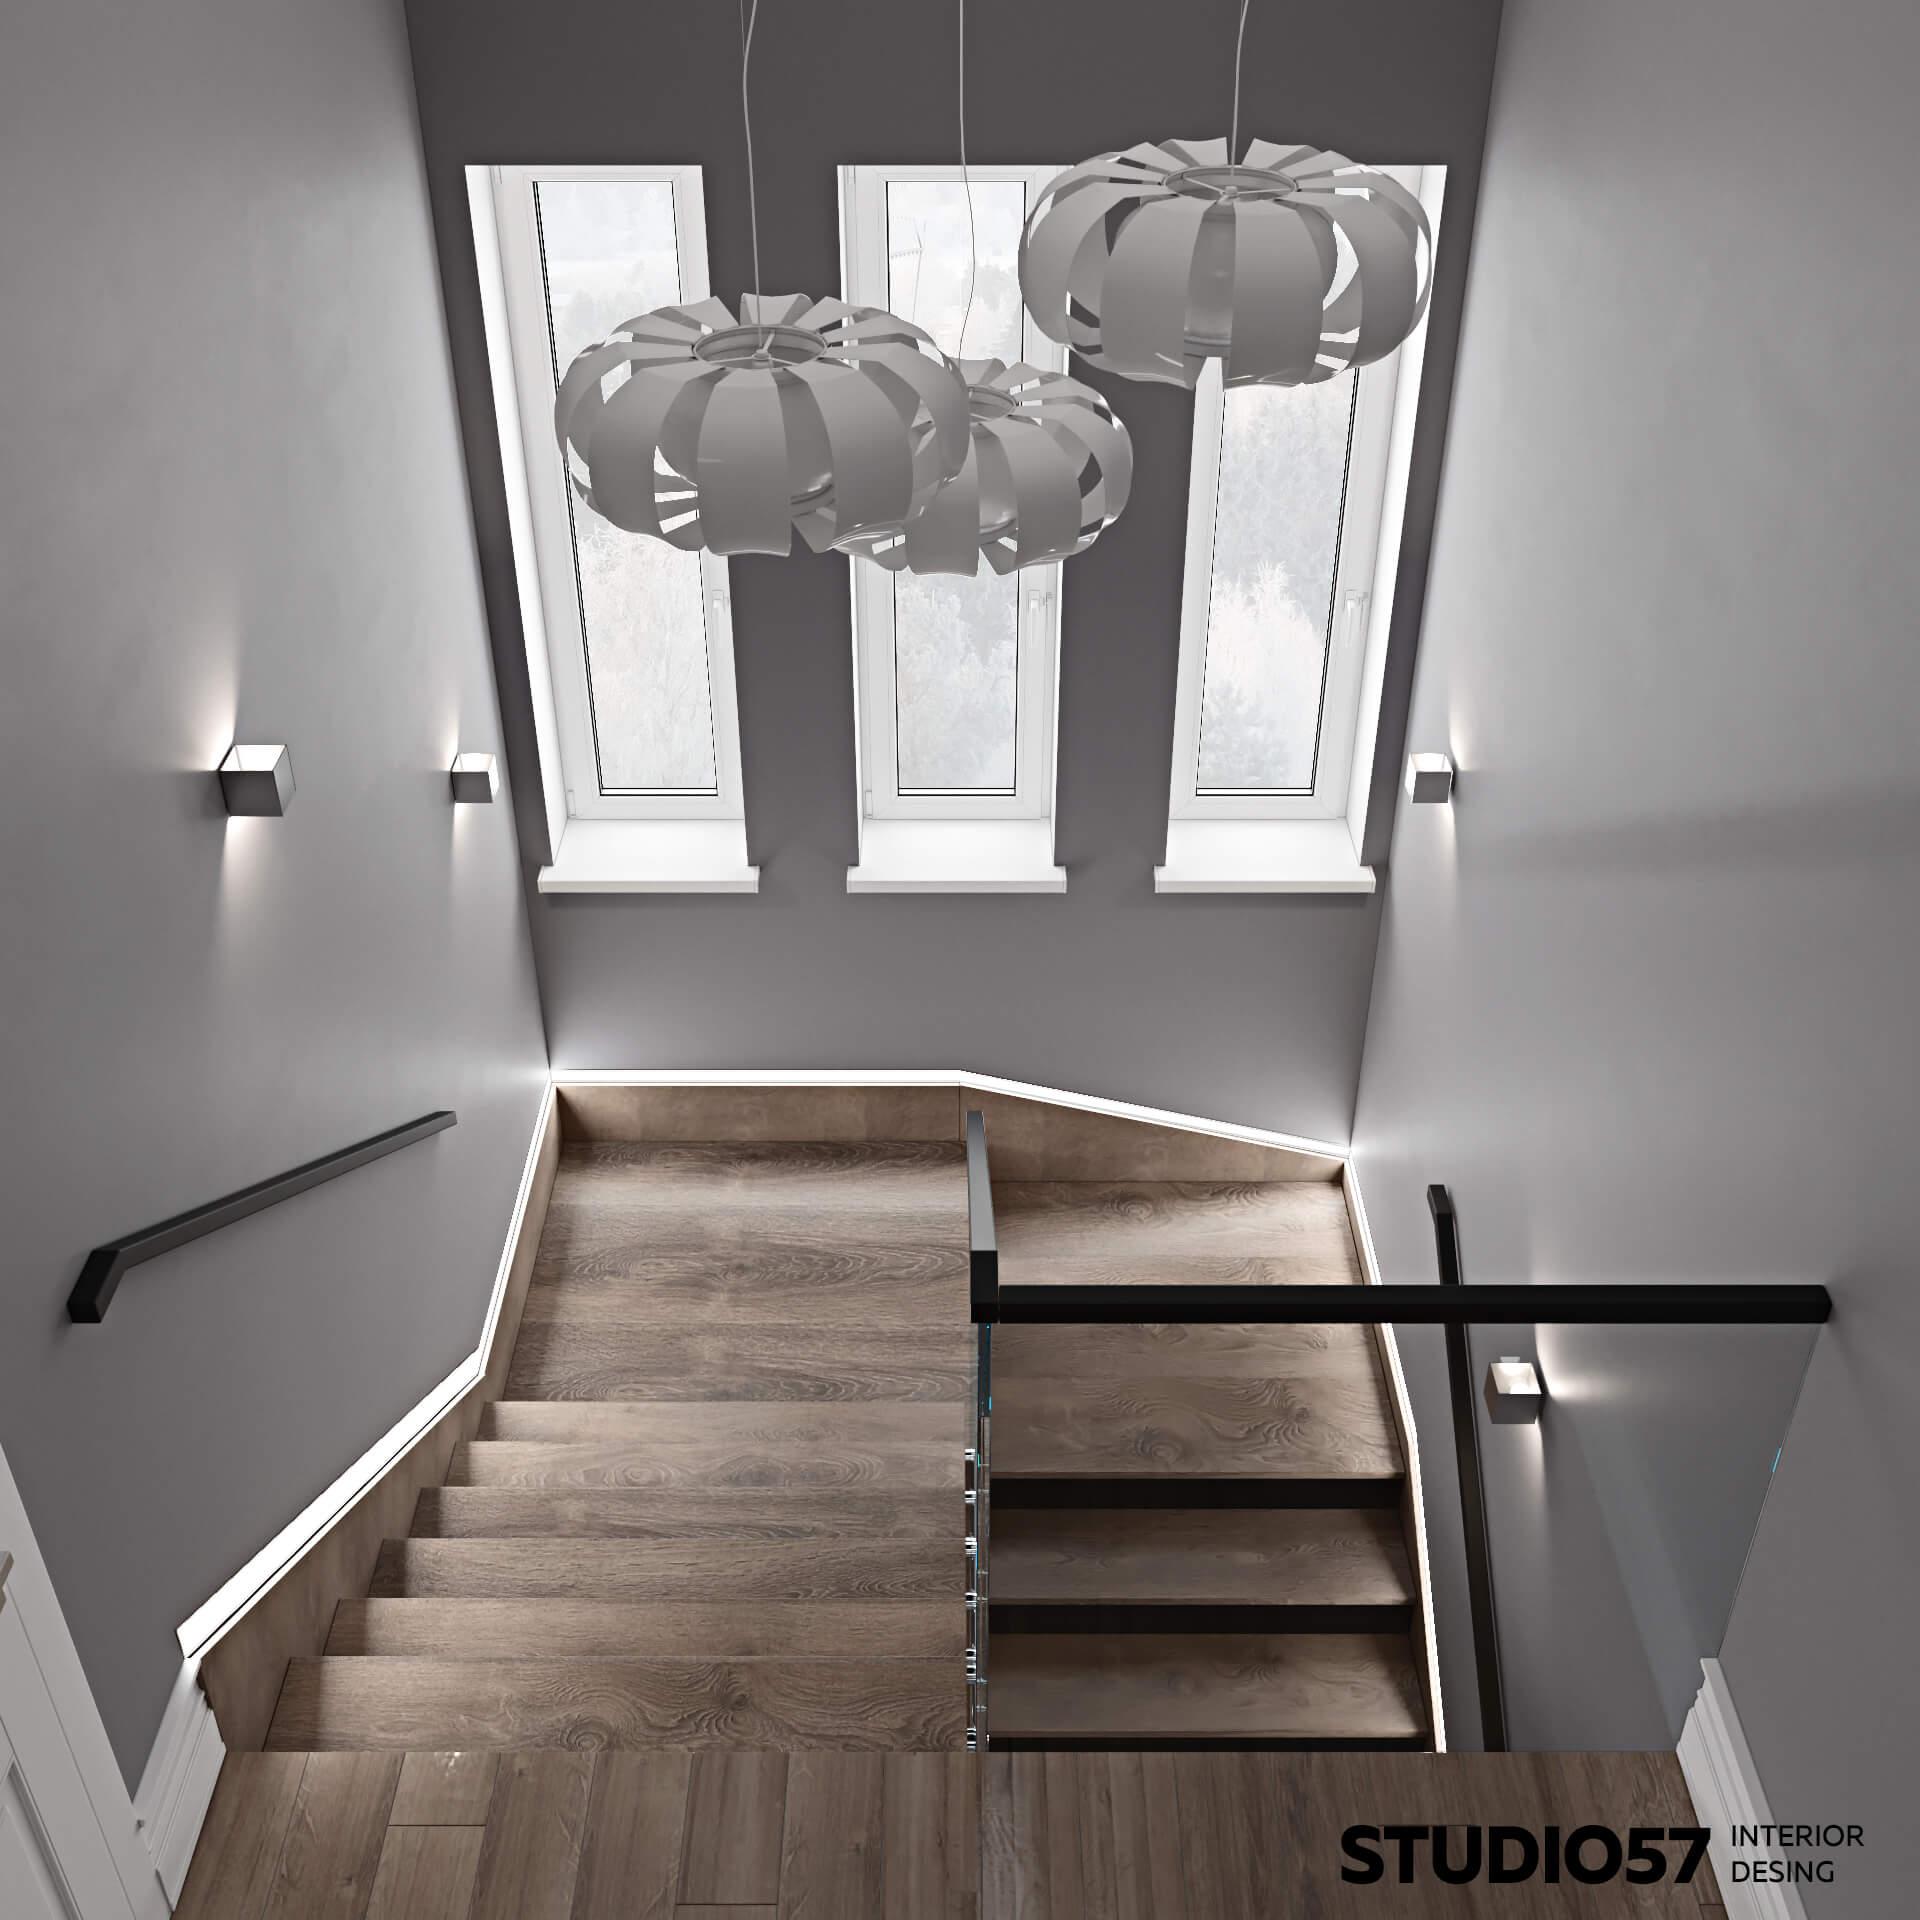 Светильники на лестнице двухэтажного дома